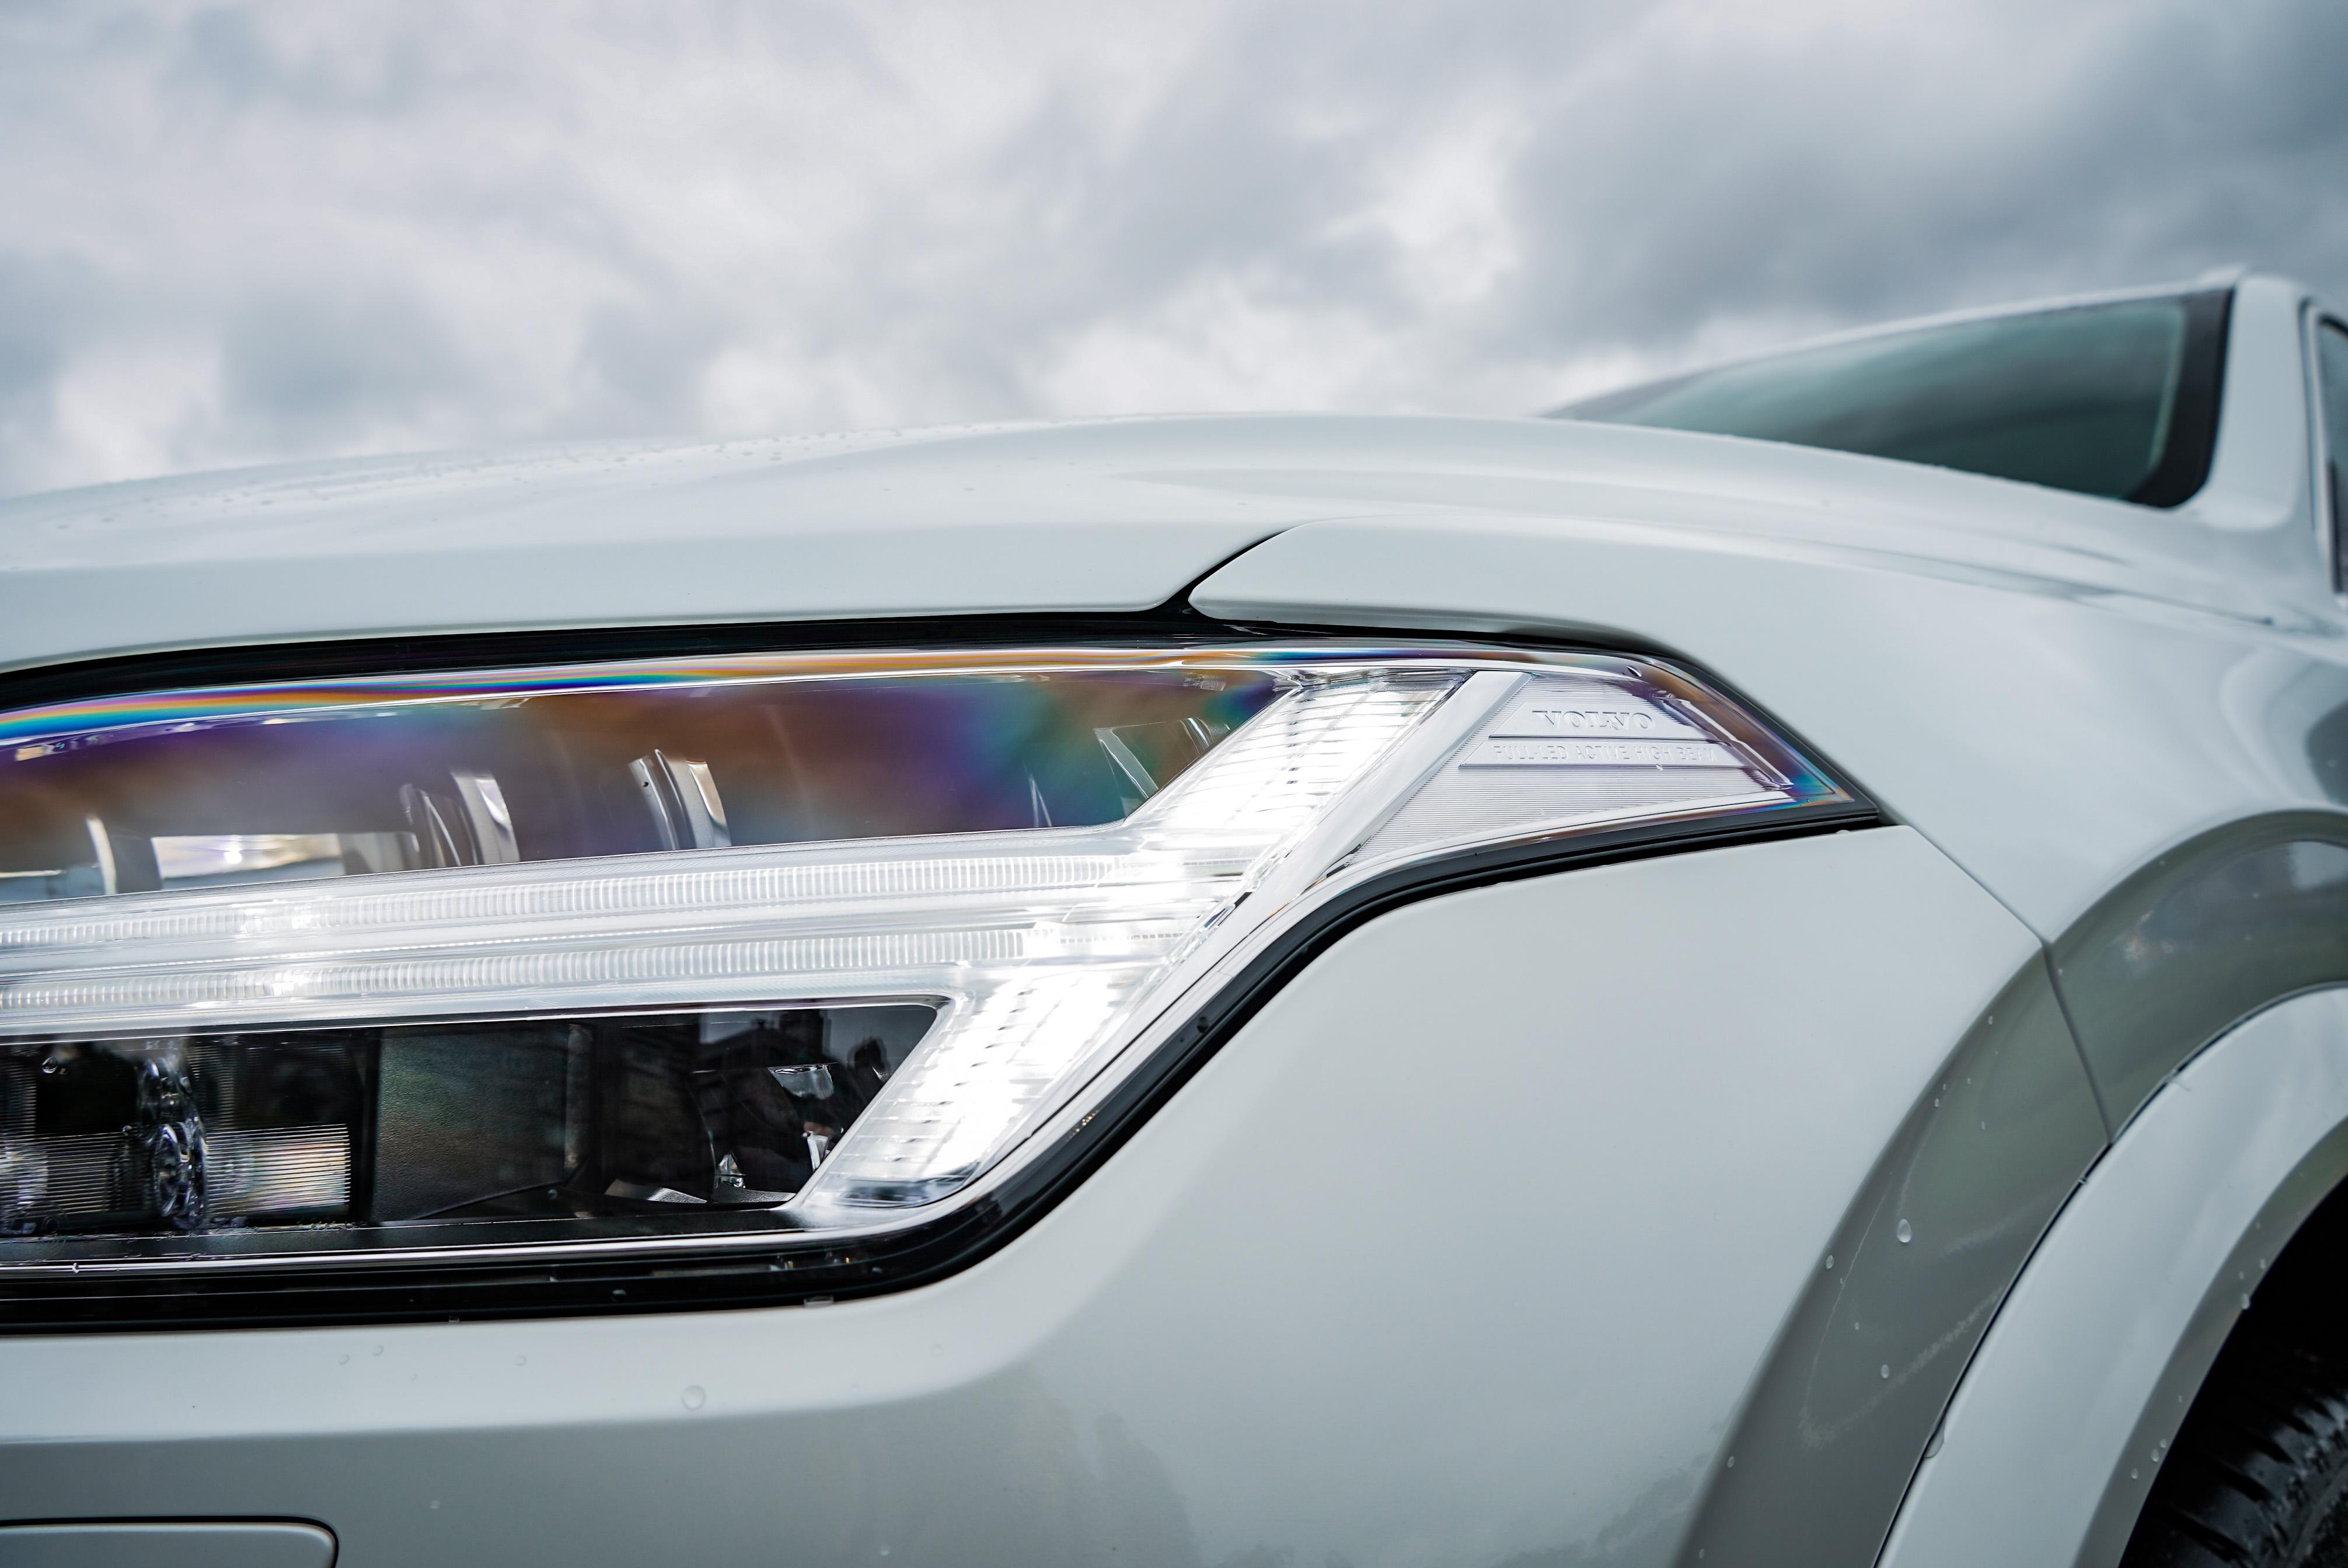 「雷神之鎚」LED 辨識度極高。